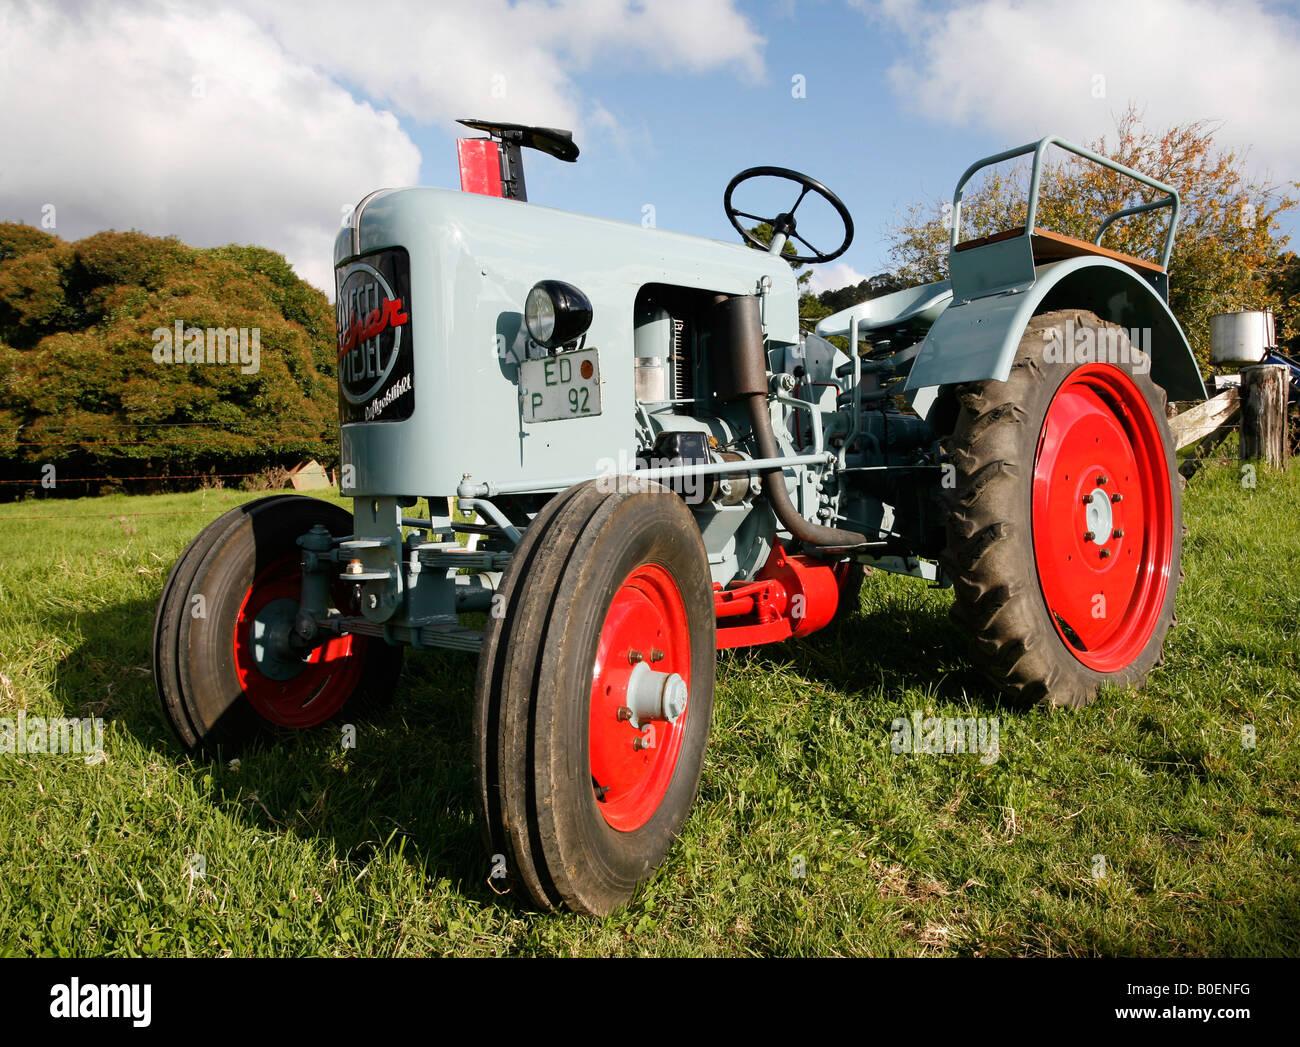 antique-1956-eicher-1-cylinder-tractor-B0ENFG.jpg